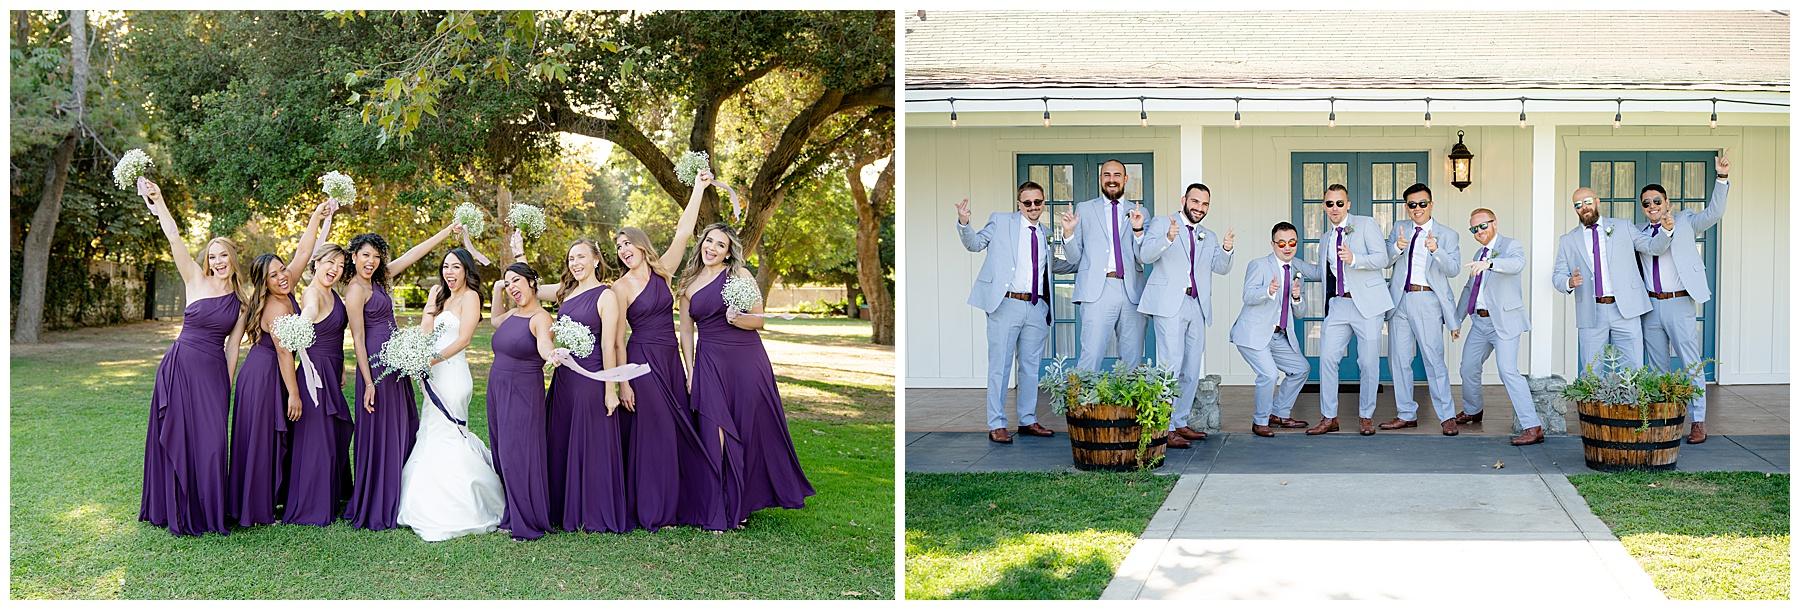 calamigos equestrian center wedding wedding party